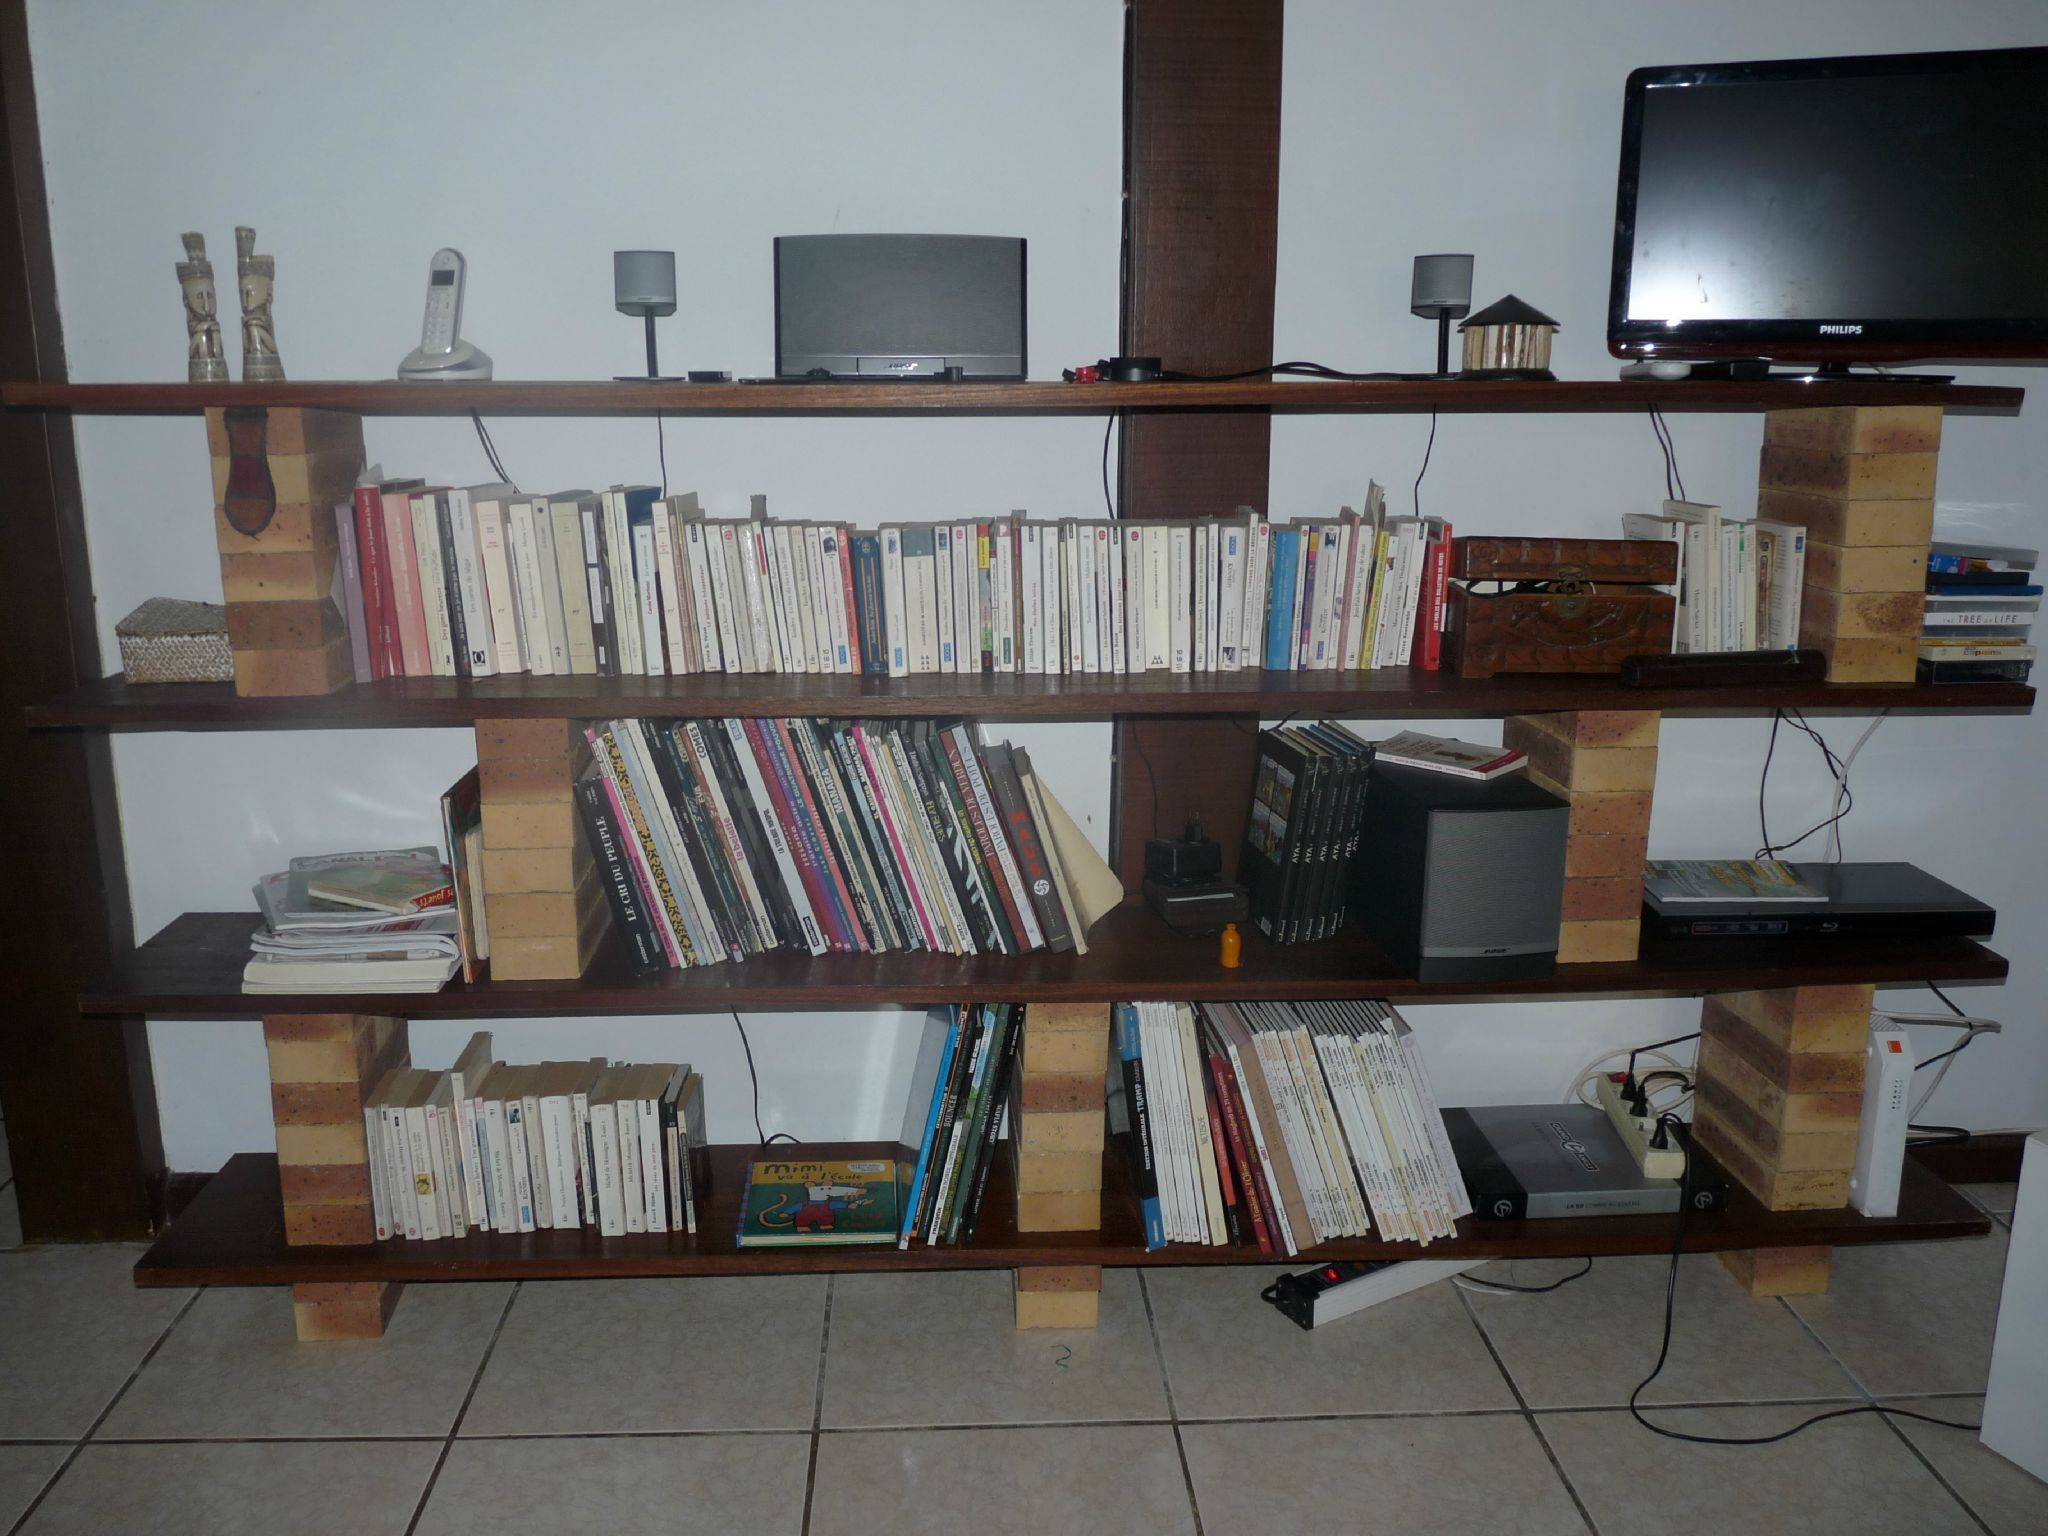 Etagere Brique - Meuble Brique Planche Inspiration Sur L Int Rieur Et Les Meubles[mjhdah]http://p0.storage.canalblog.com/06/26/1127328/87580903_o.jpg